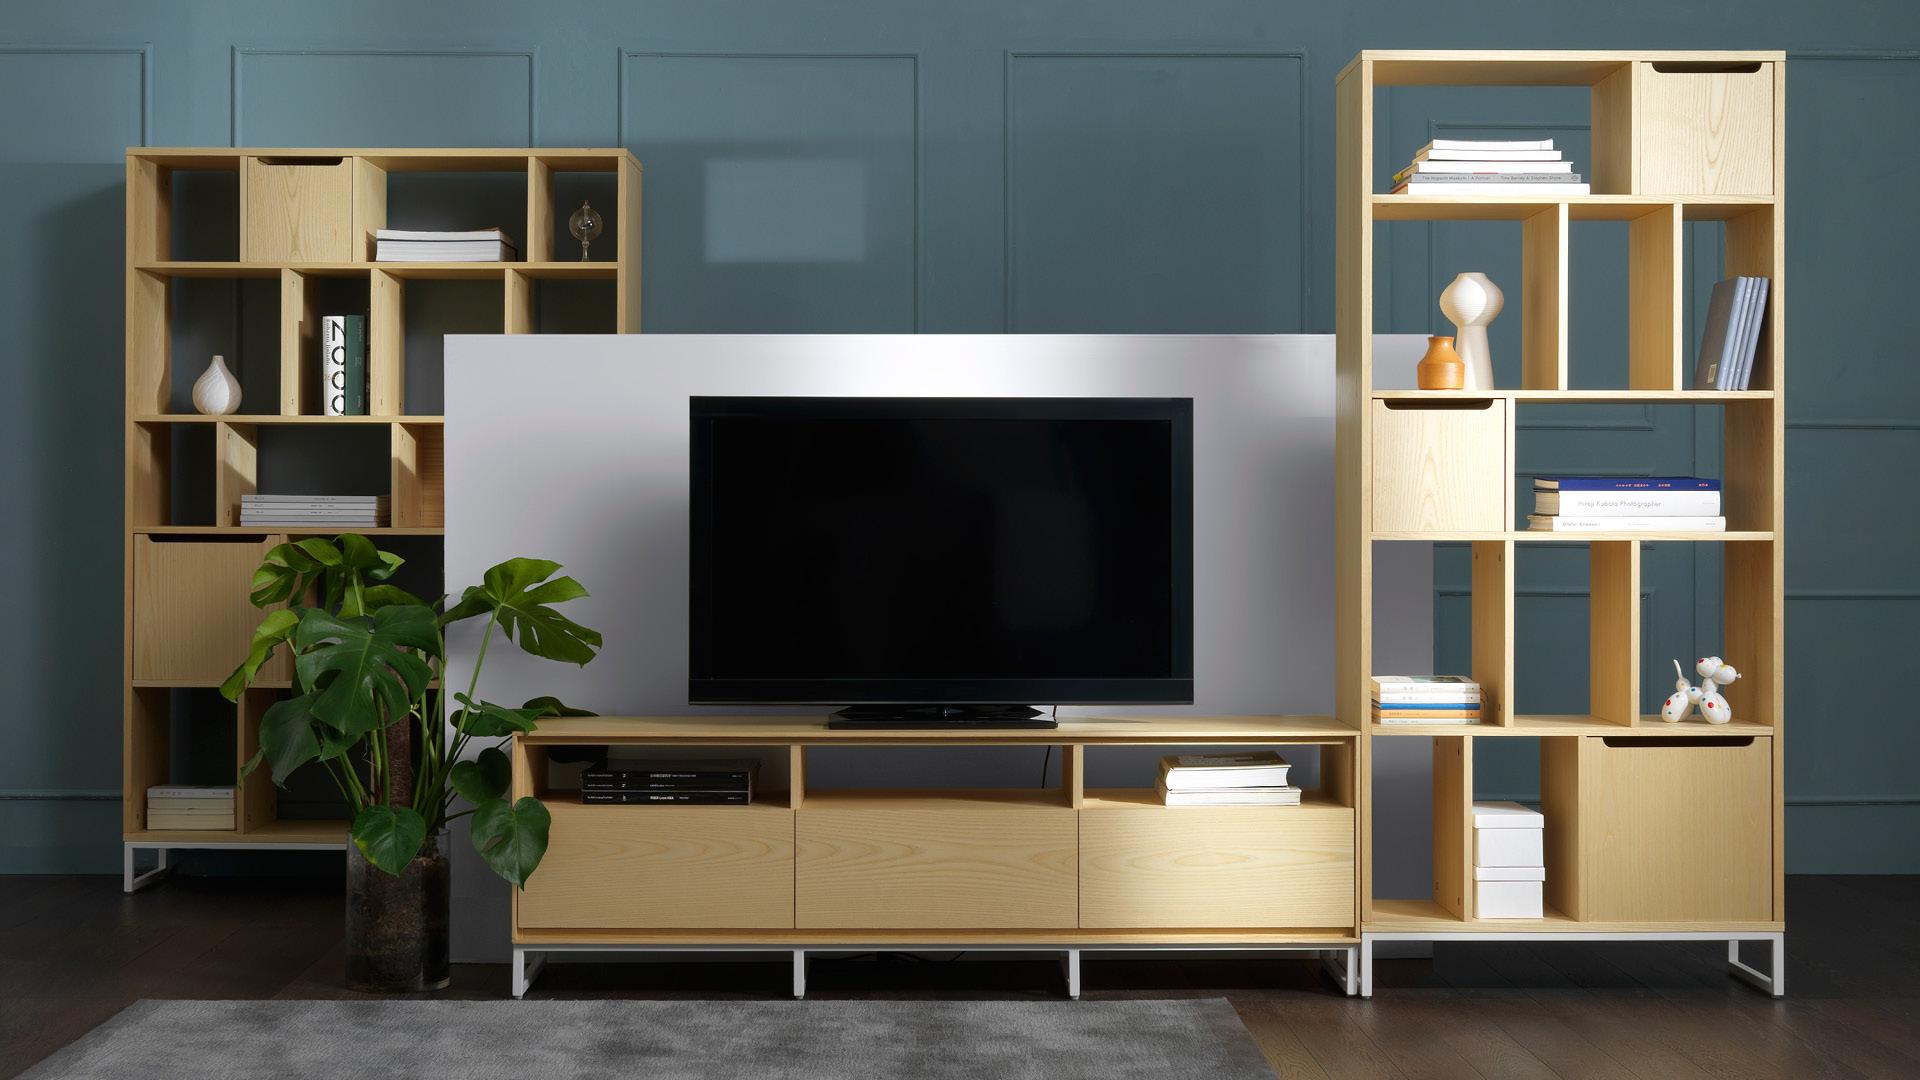 和同色系书架并排连用,让客厅影音区更具体量,全方位实木贴皮带来的温暖质感,看得见摸得到的白蜡木皮,托起全家的融融暖意。?x-oss-process=image/format,jpg/interlace,1